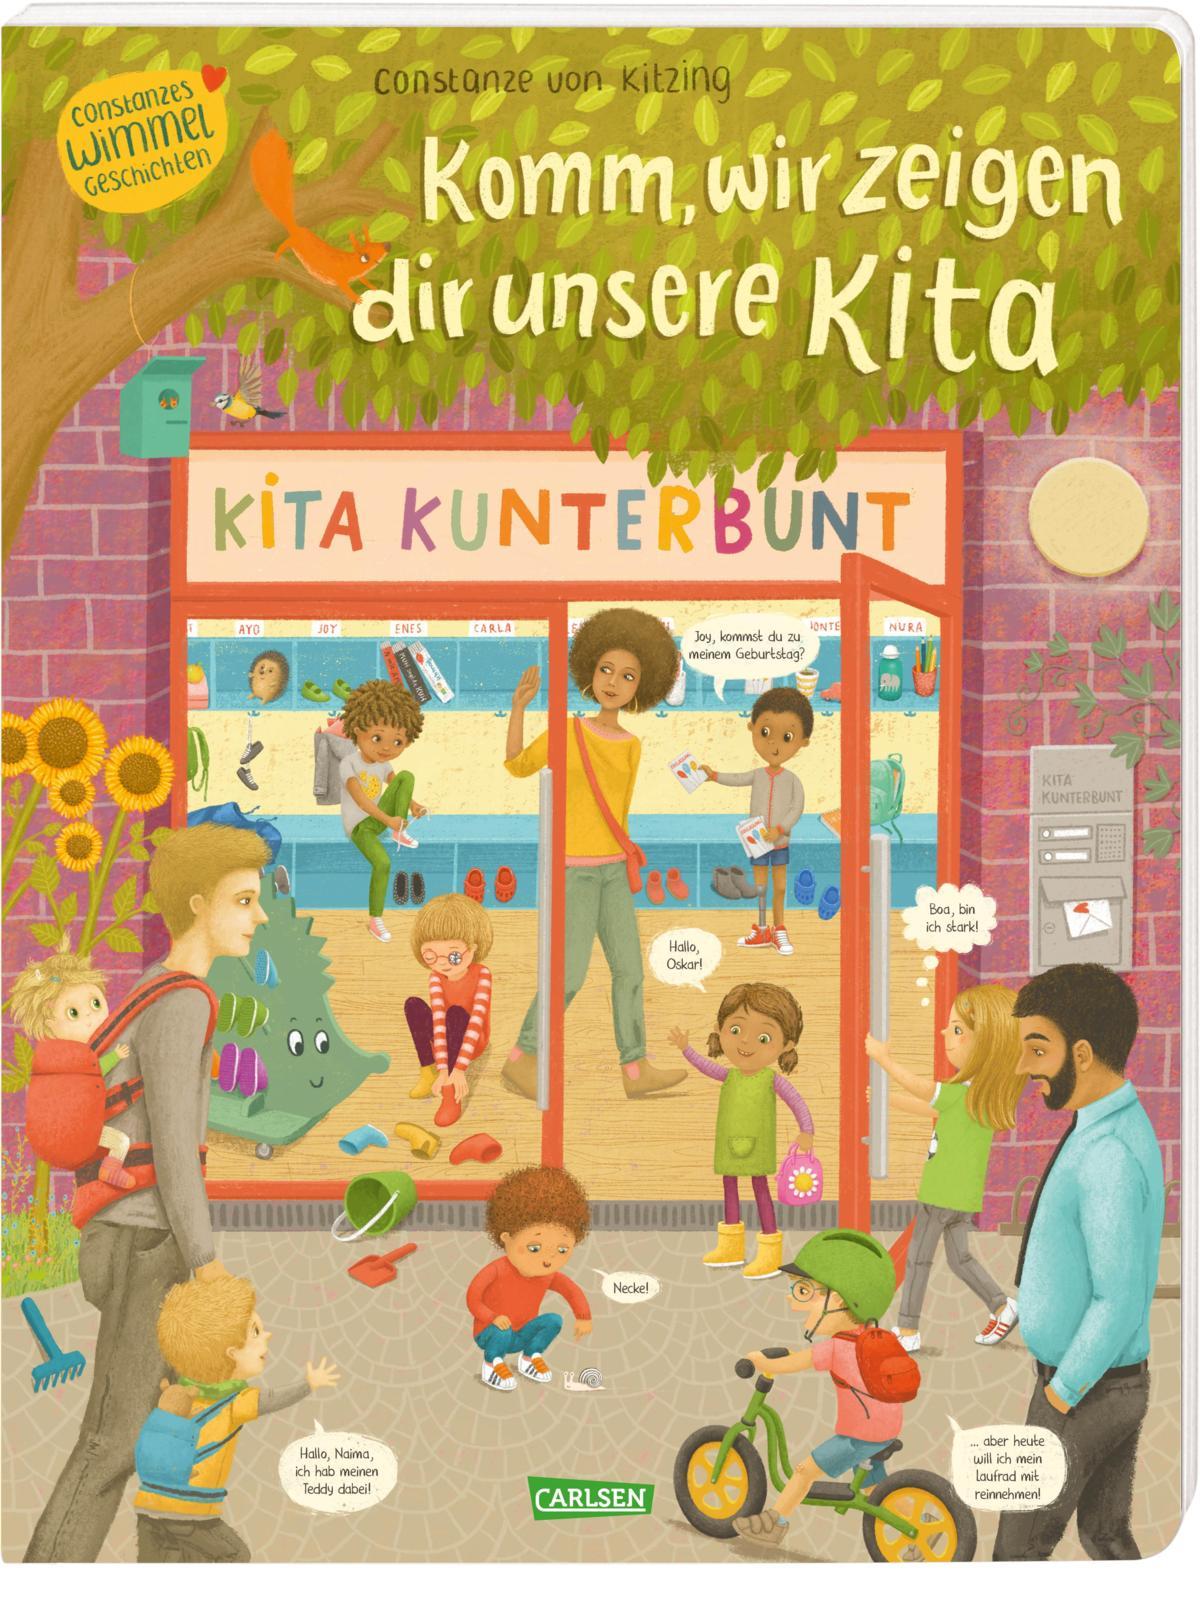 Constanze von Kitzing, Wimmelbuch, Kindergarten, Vielfalt, Diversity, Familie, vorlesen, Kinder, Eingewöhnung, Bilderbuch, Pappbilderbuch